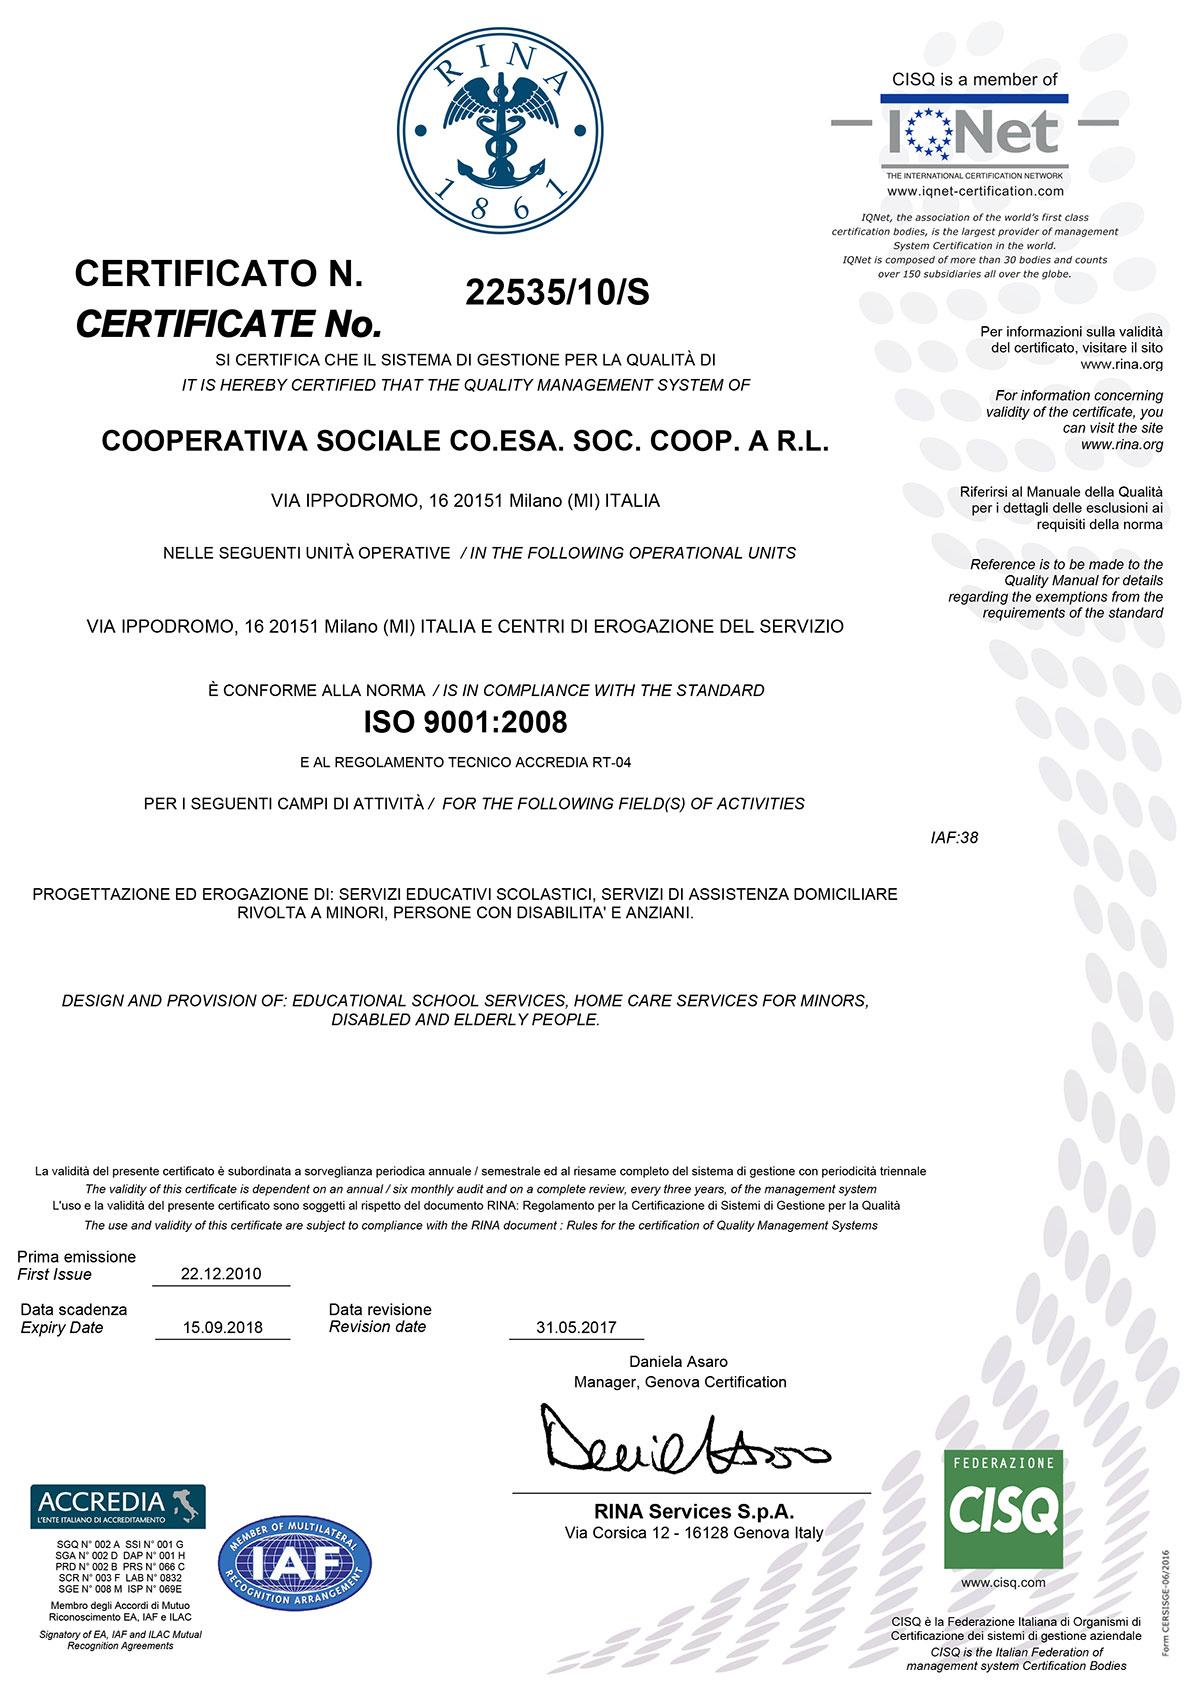 Coesa Coop_Certificato_Qualita_2017